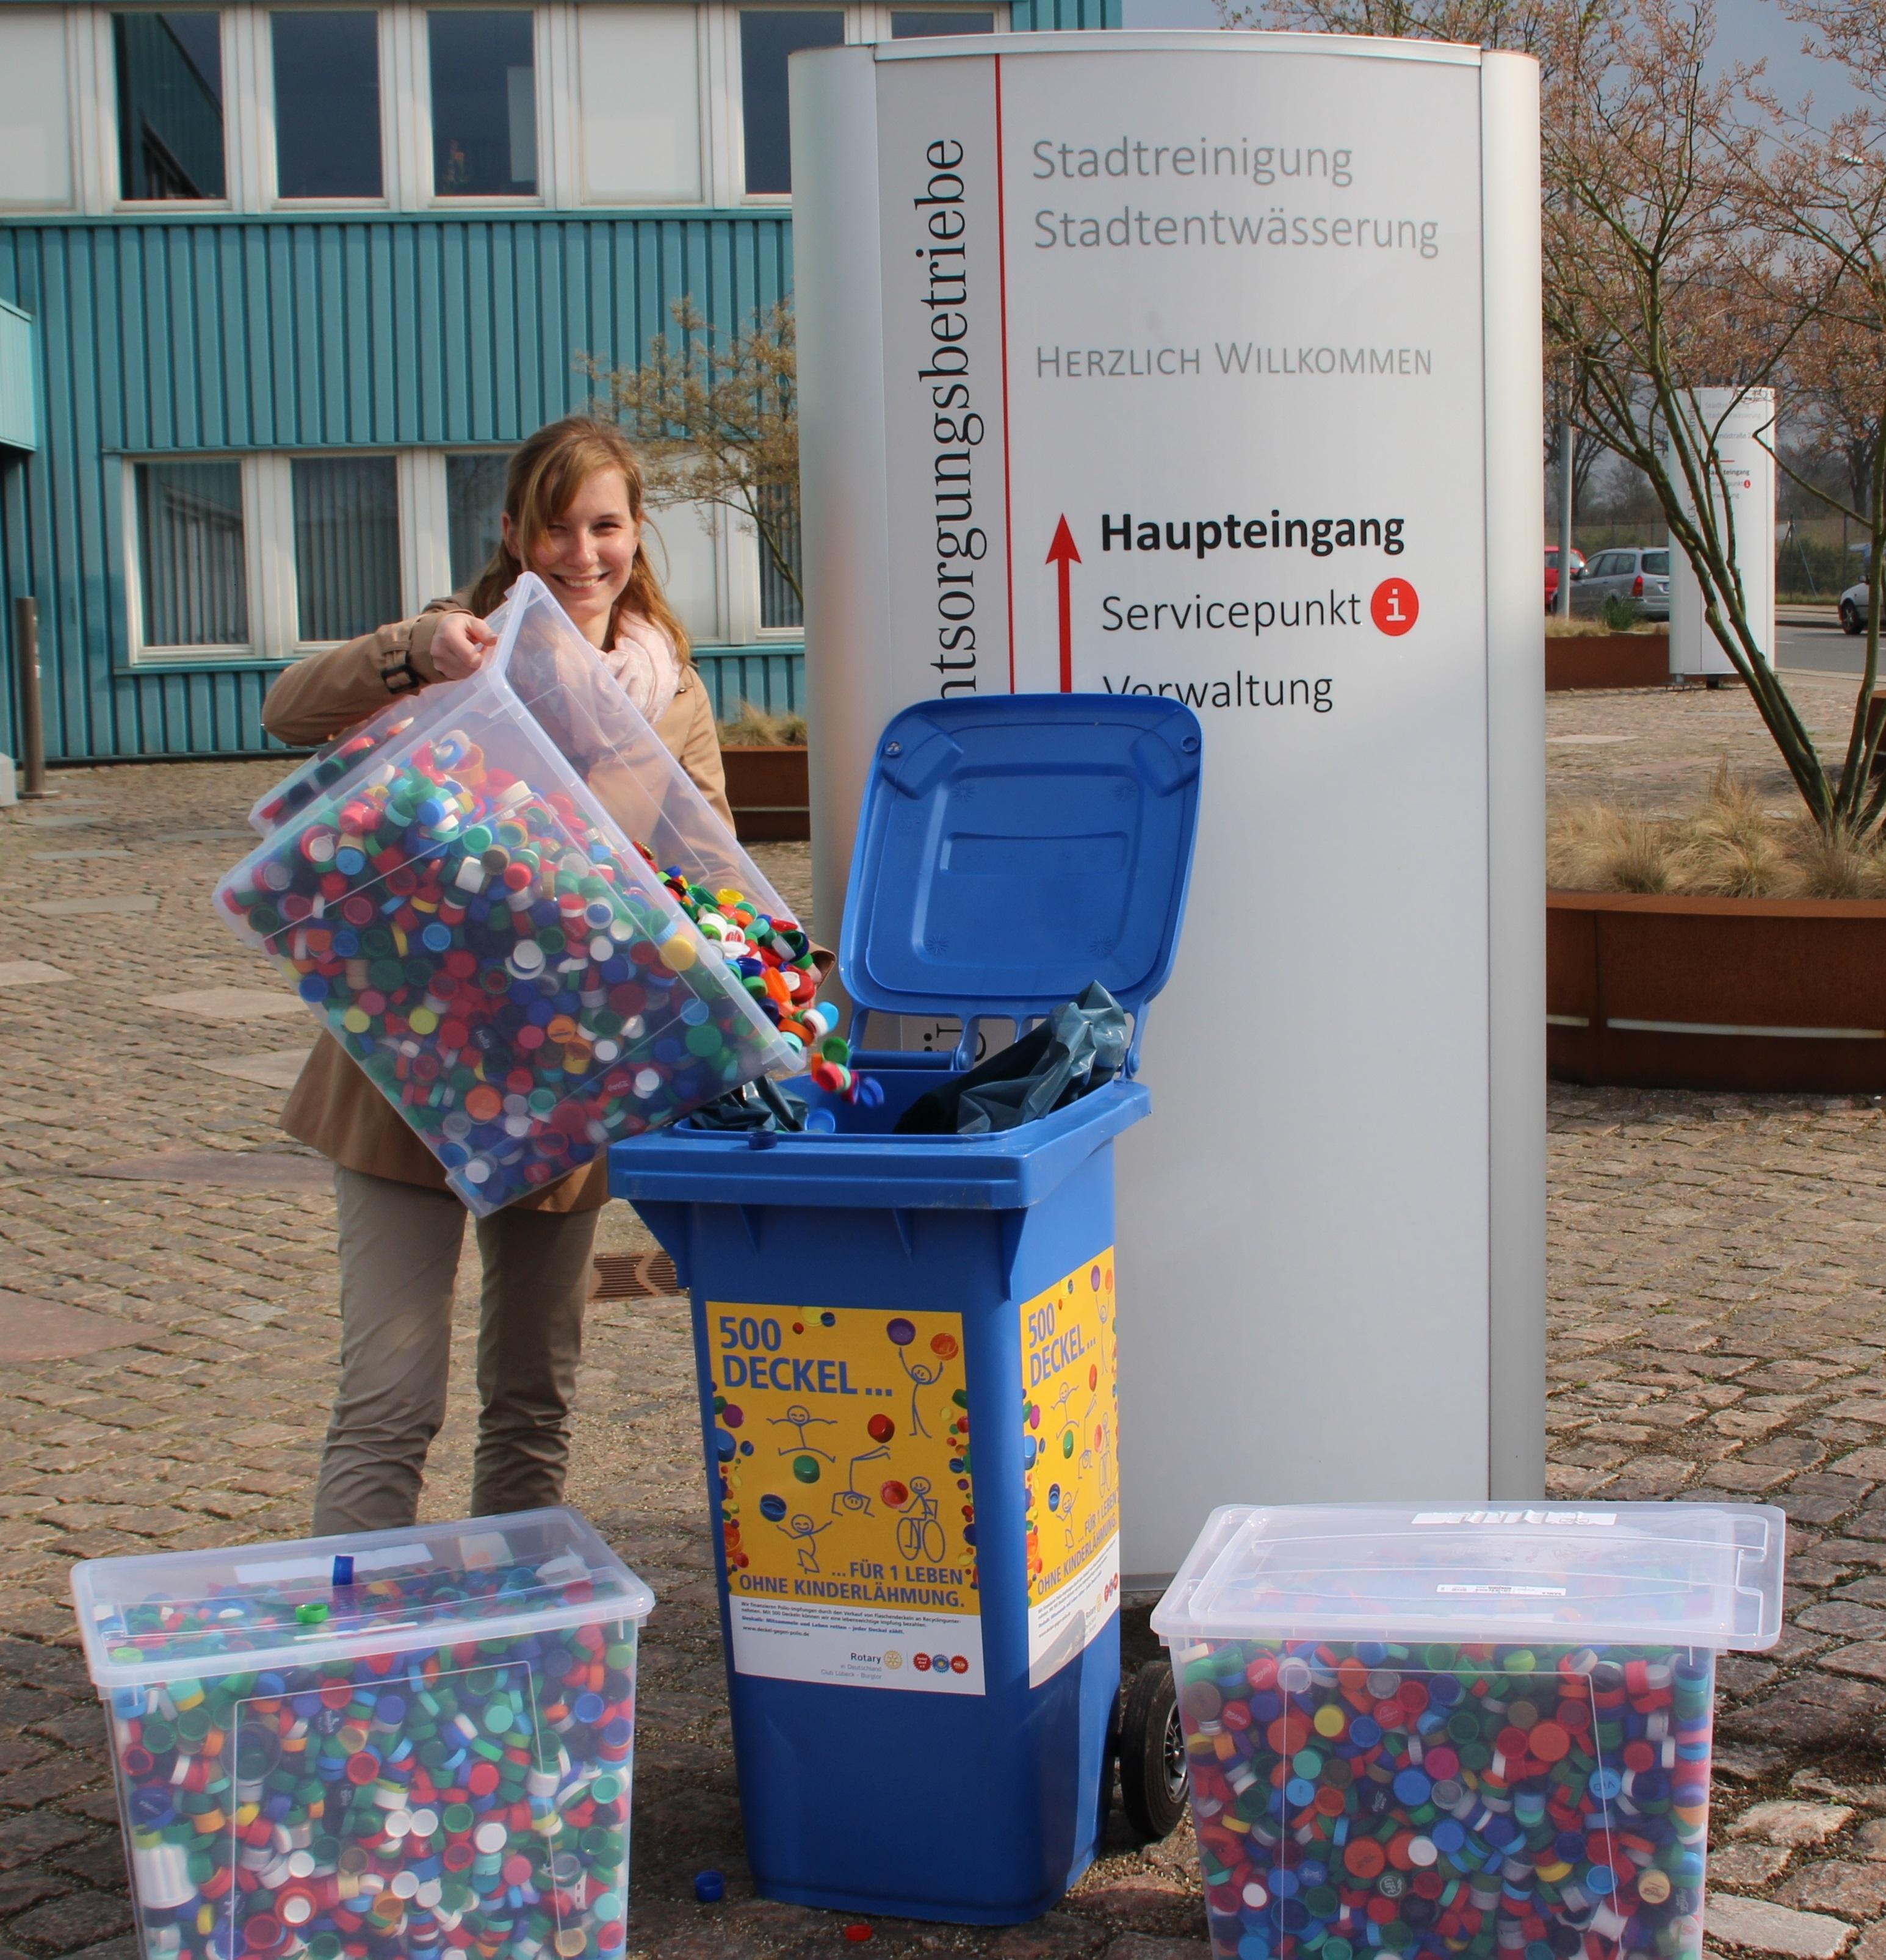 29 5 kg kunststoffdeckel sammelt der rotaract club for Impfung gegen polio